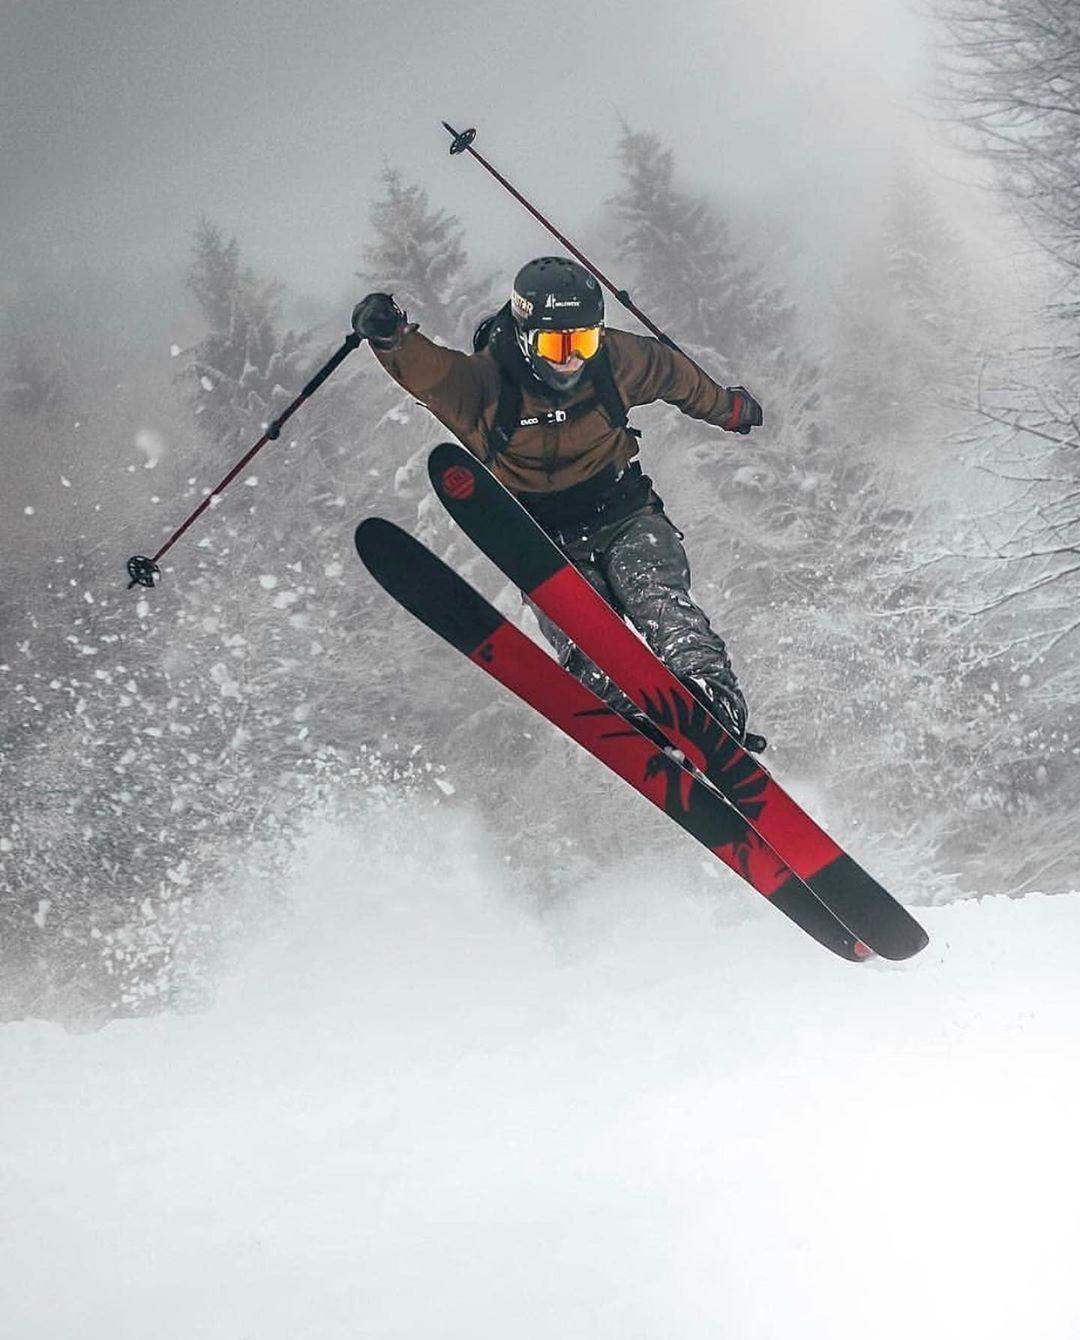 Froid Hiver Neige Snow Ski Skier Montagne Noel Cadeaux Veste Chaude Skieur Ski Hiver